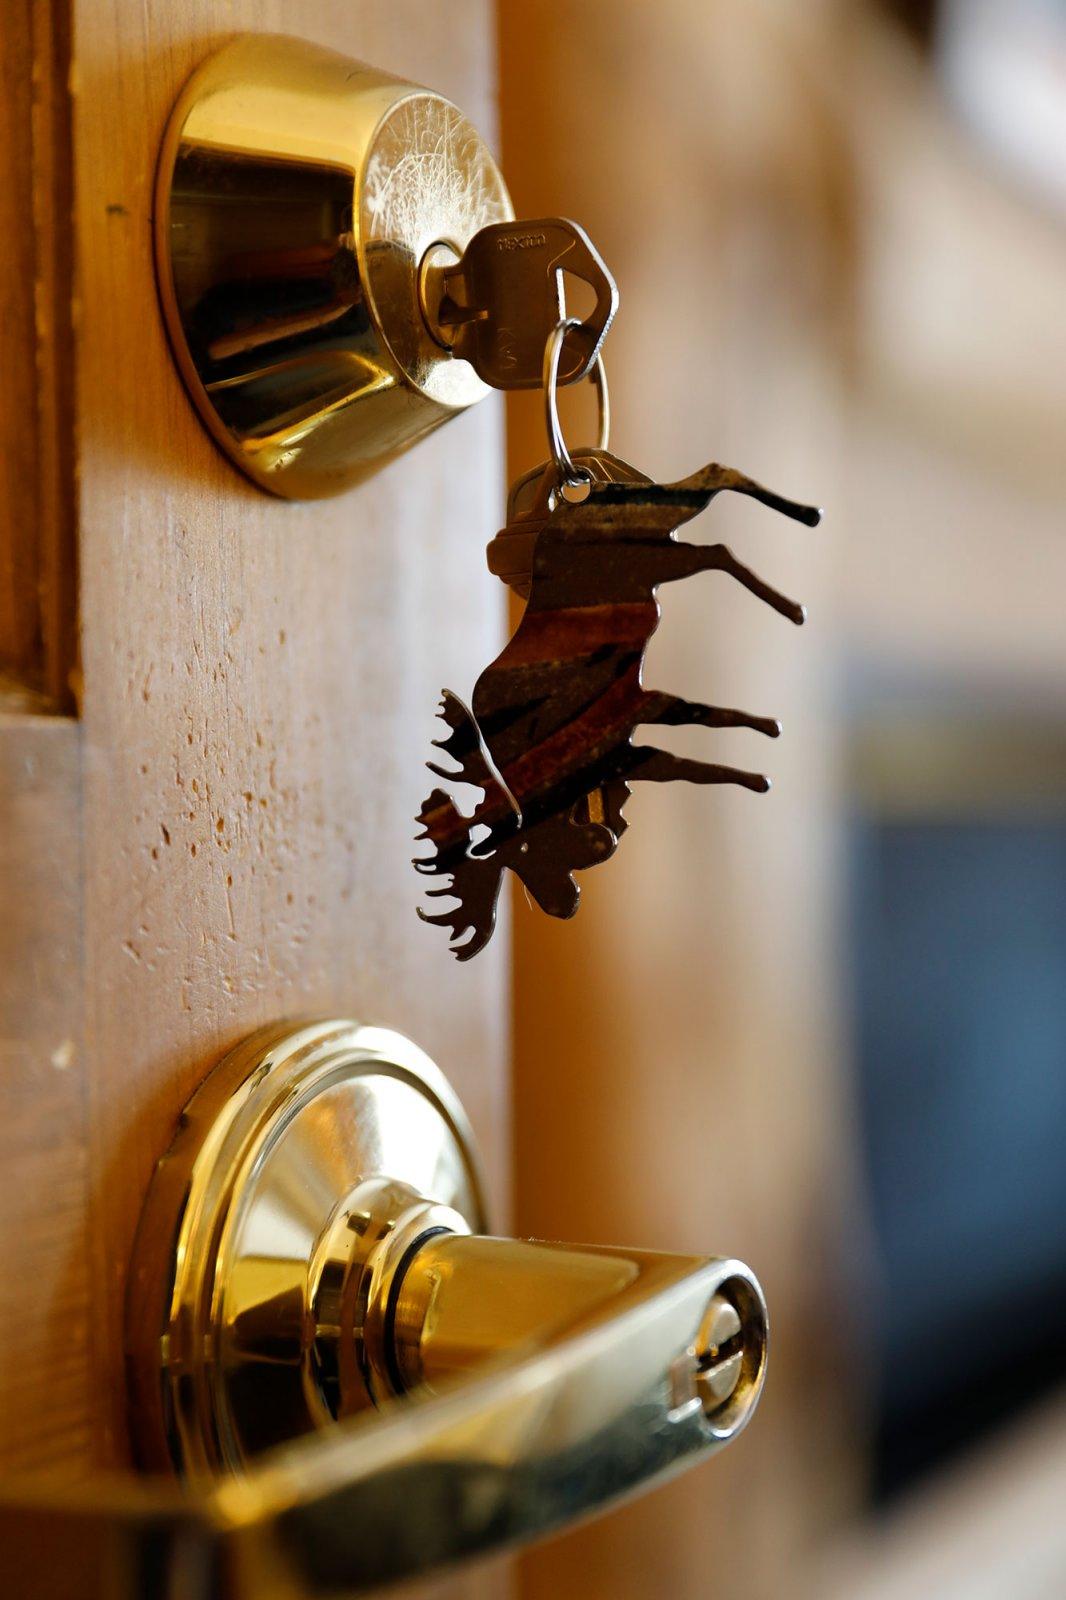 Closeup of moose keychaine and door.